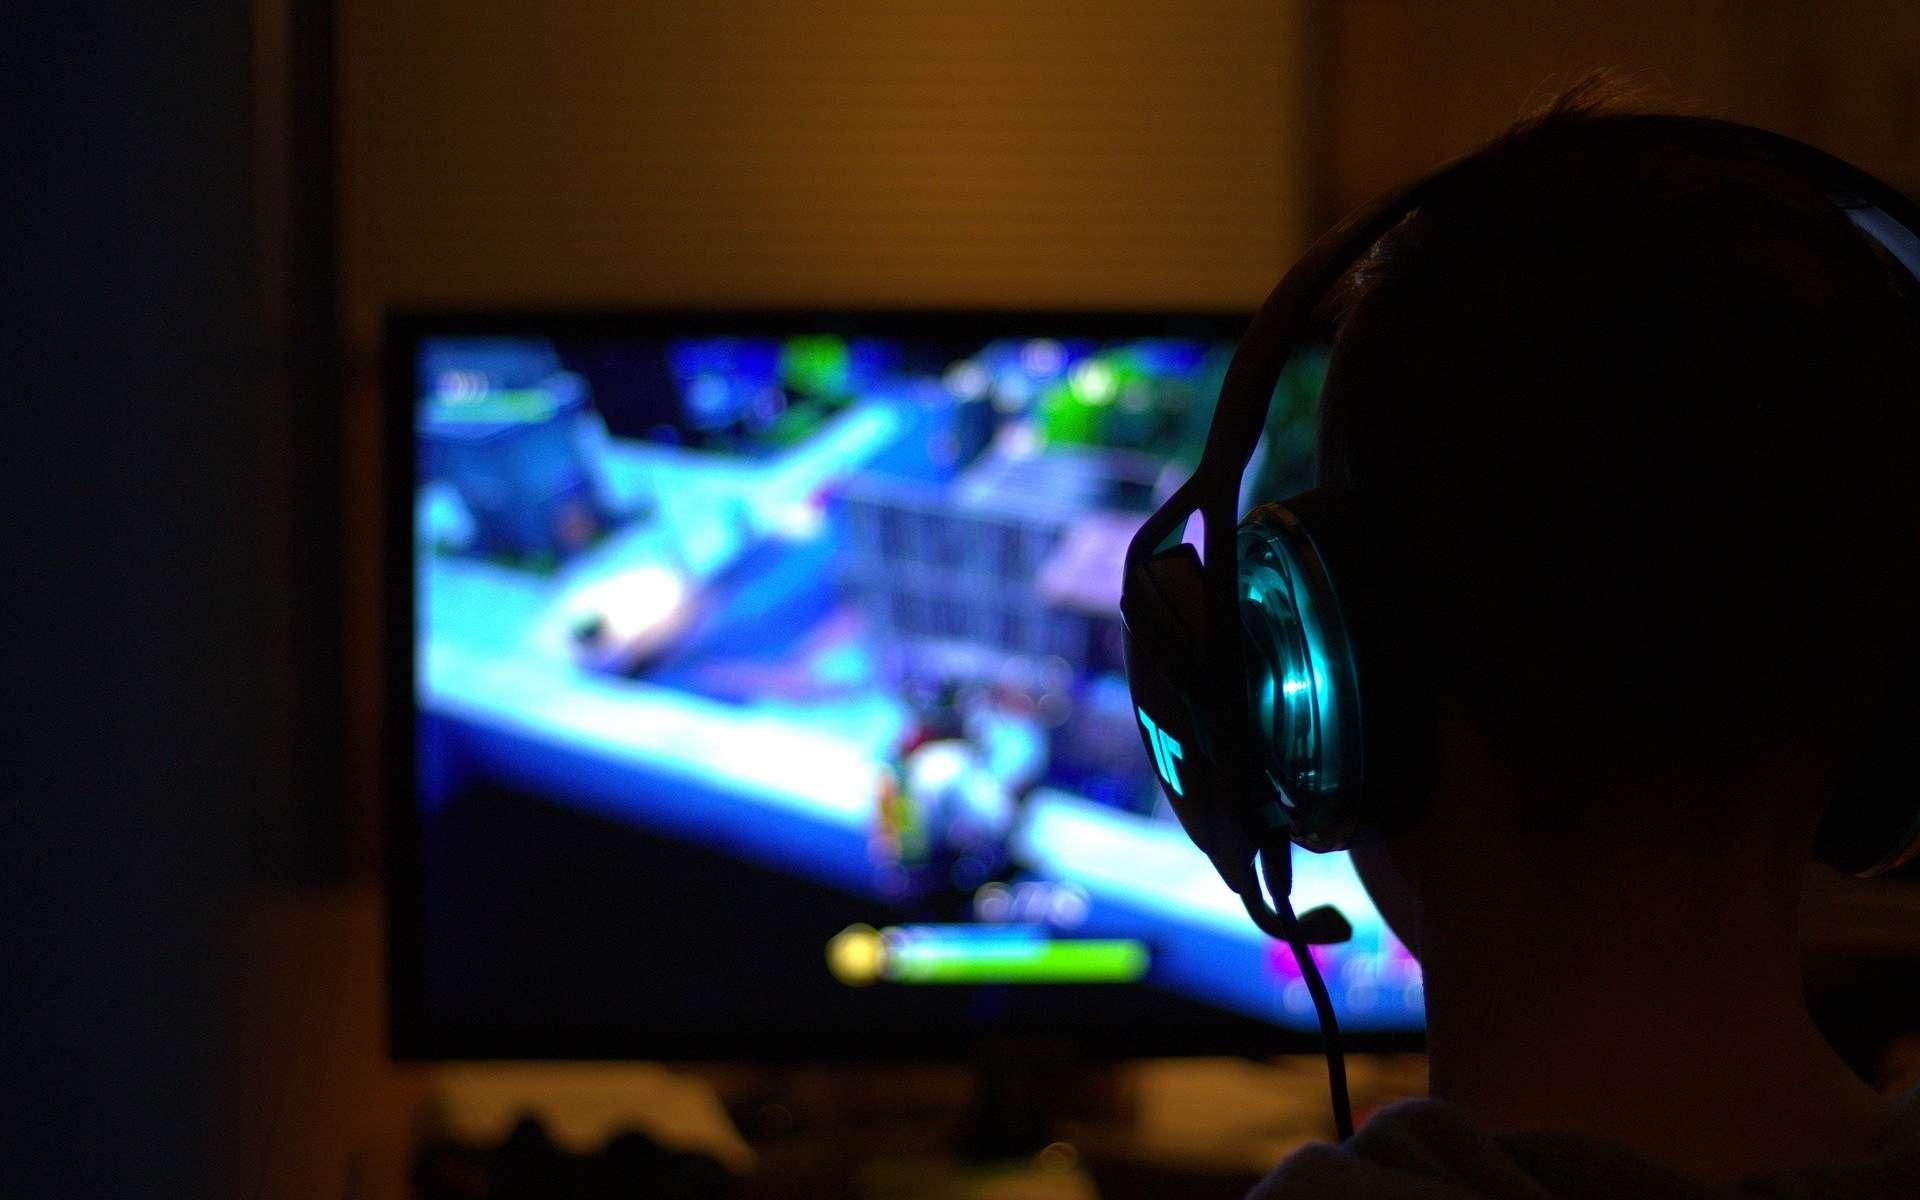 Le géant Tencent utilise désormais la reconnaissance faciale pour empêcher les enfants chinois de jouer la nuit. © Pixabay